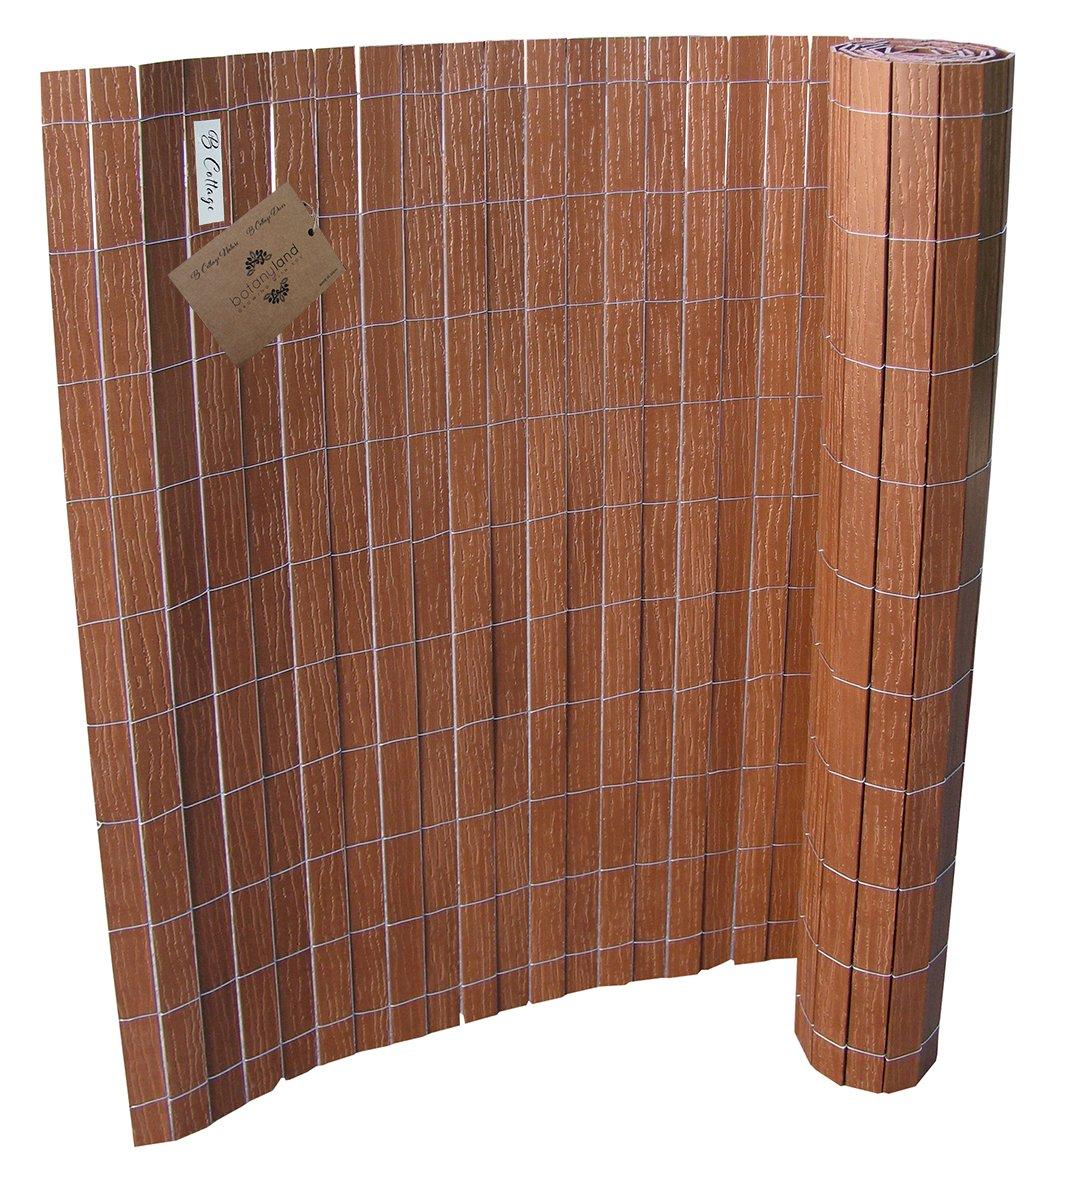 WPC Zaun Sichtschutzmatte Sichtschutzzaun 1x2 50 m langer Farbe